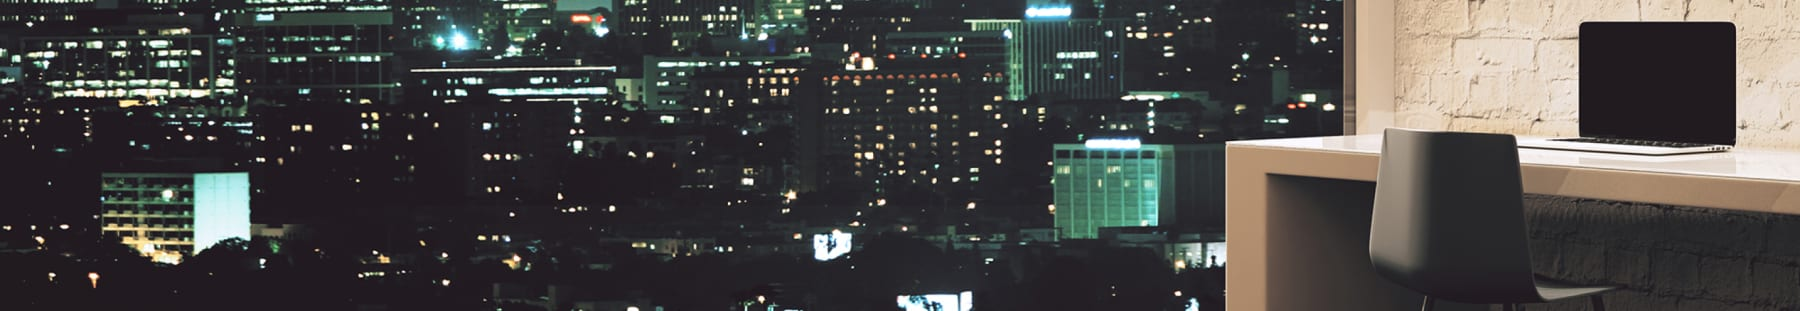 面影橋駅の夜景が綺麗なレンタルスペース